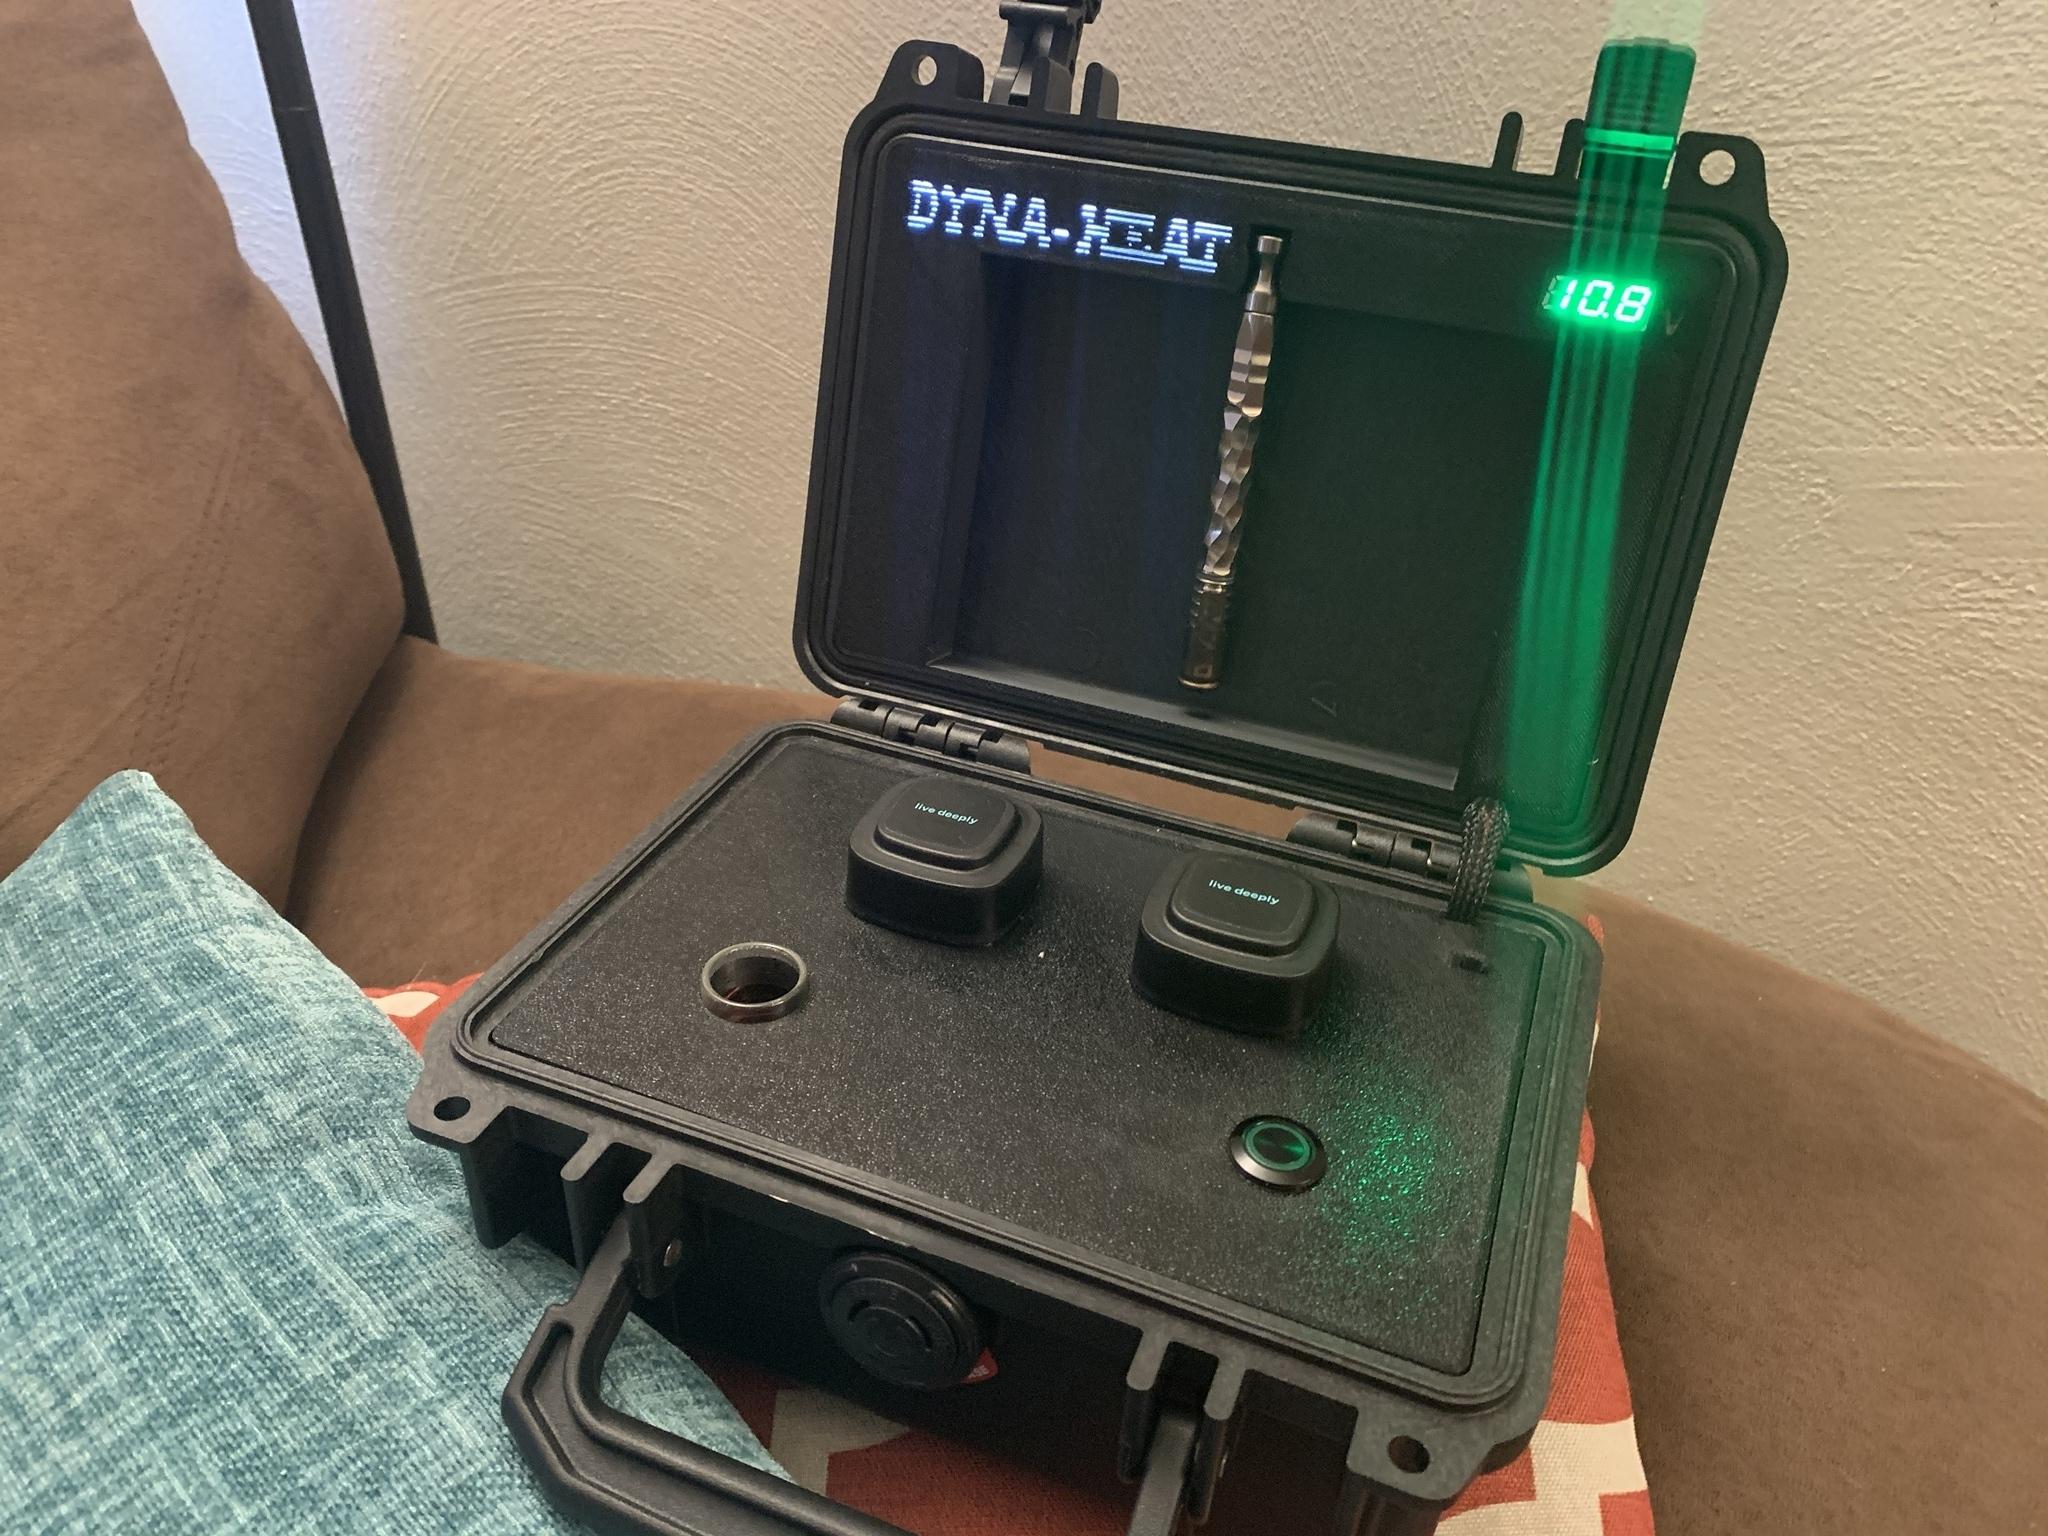 Dyna_Heat_1.jpg Télécharger fichier STL gratuit Dyna-Heat v4 1120 Pélican Case Induction Heater • Objet imprimable en 3D, PM_ME_YOUR_VALUE